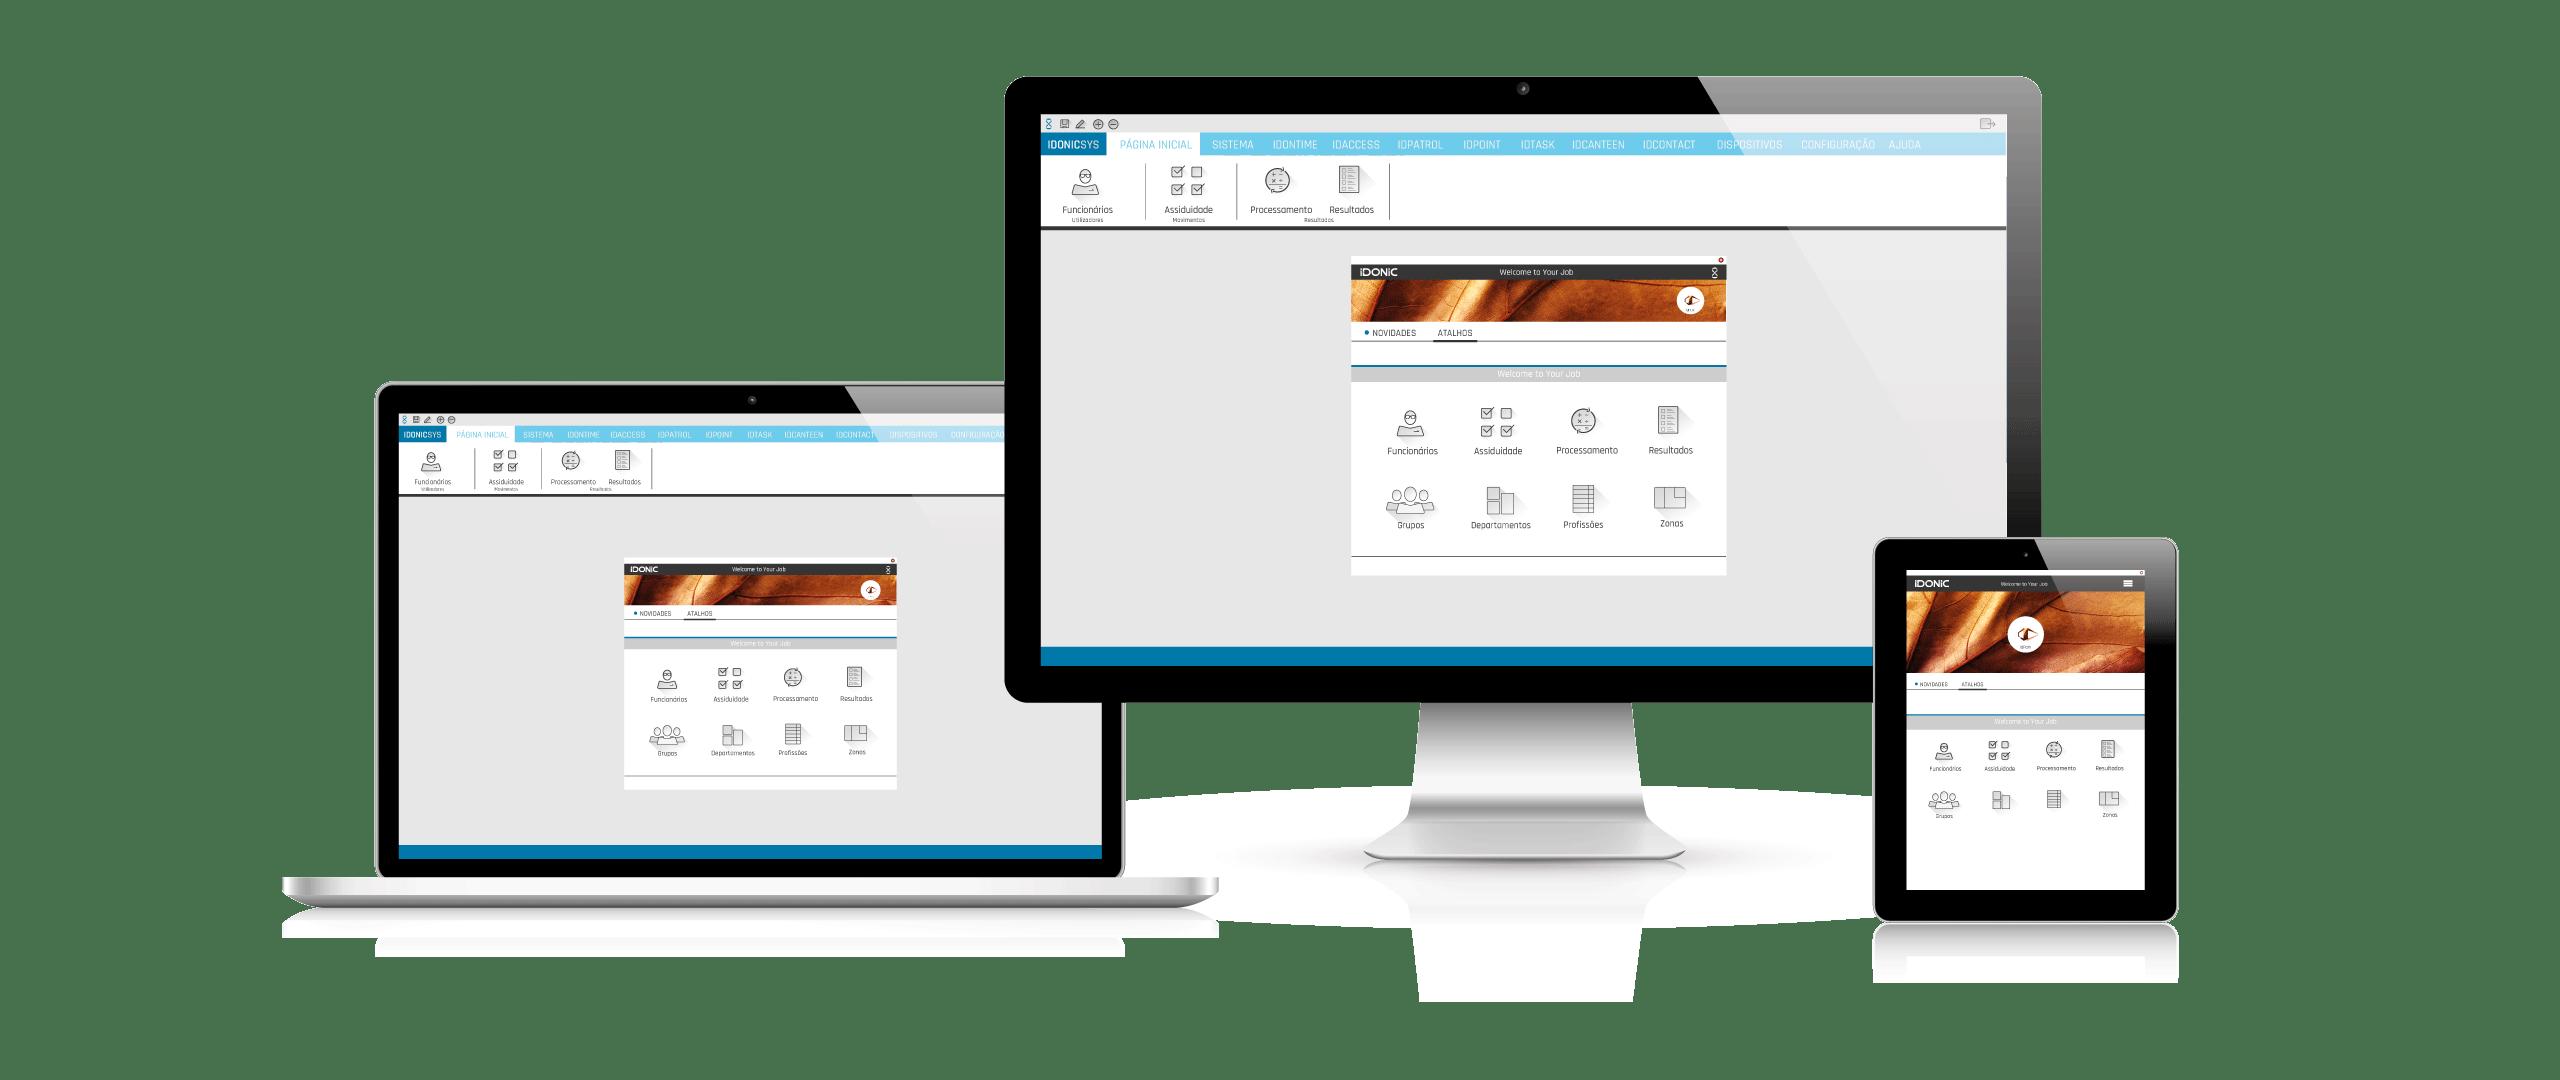 softwareIdParkWeb;  Segurança de Funcionários